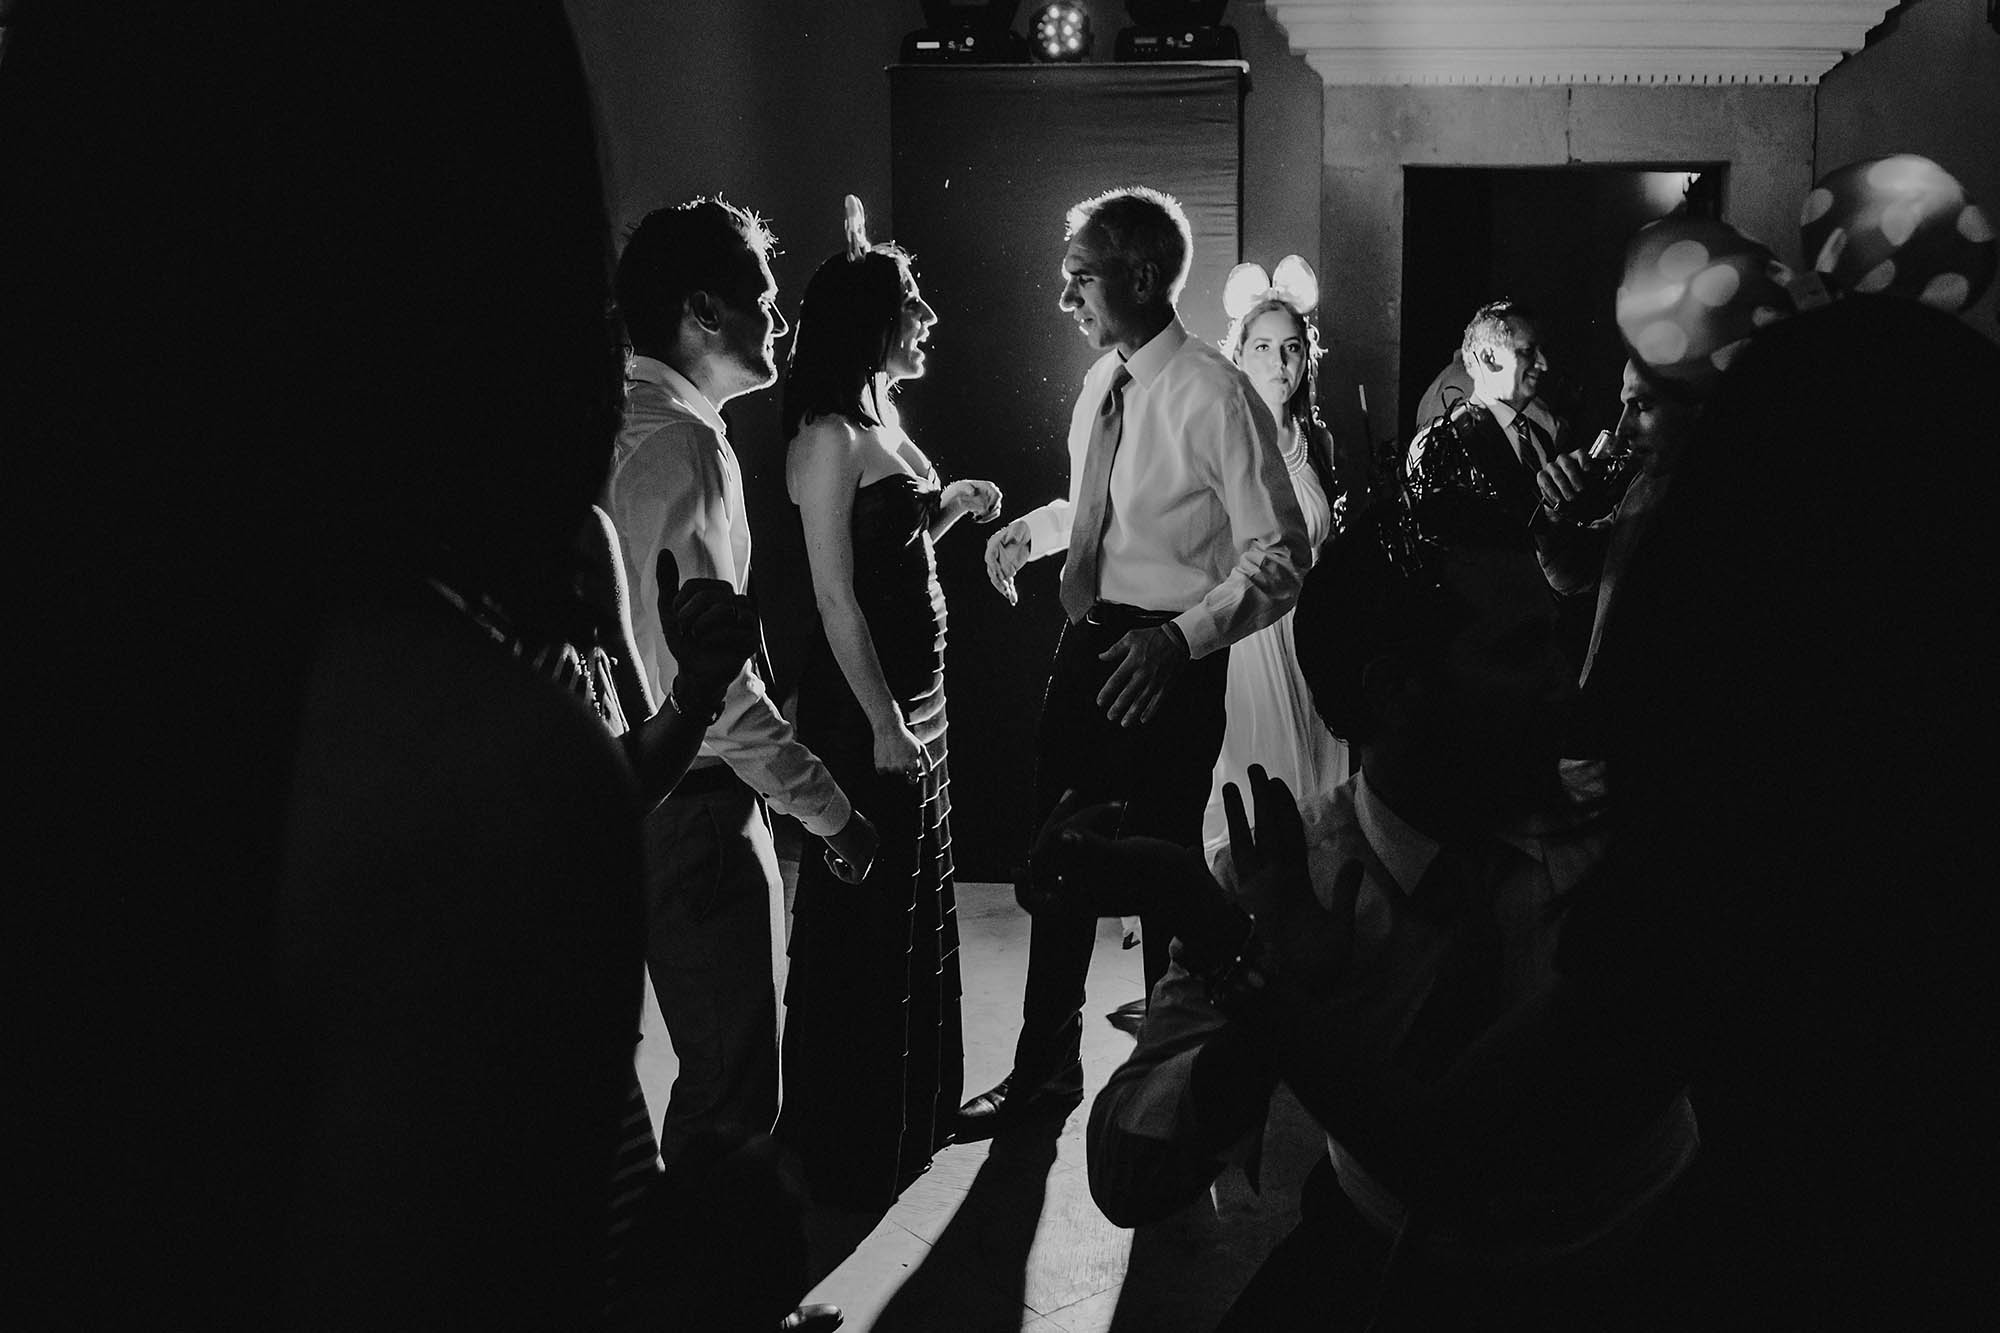 fotografia-de-boda-destino-Jimena-Mañon-Javier-Mere-45.jpg